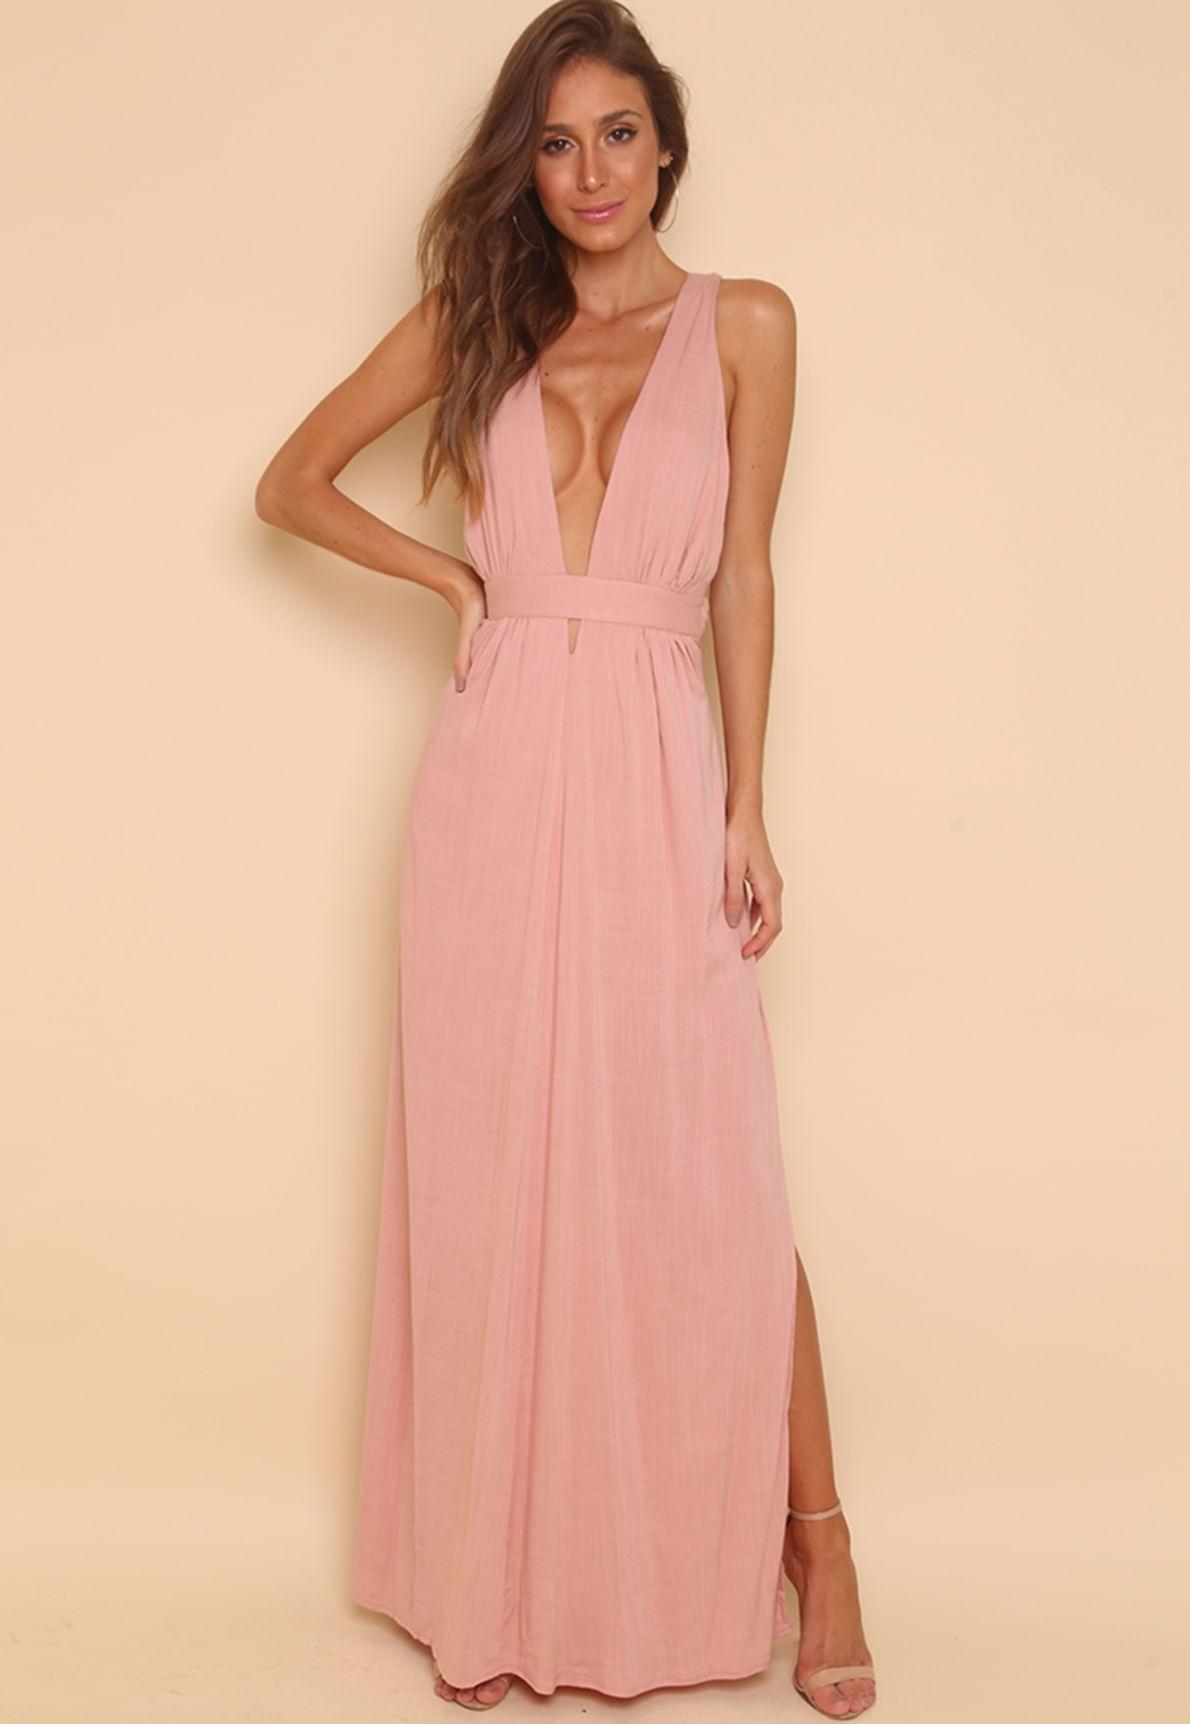 29795-vestido-longo-argolas-rose-meli-mundo-lolita-02